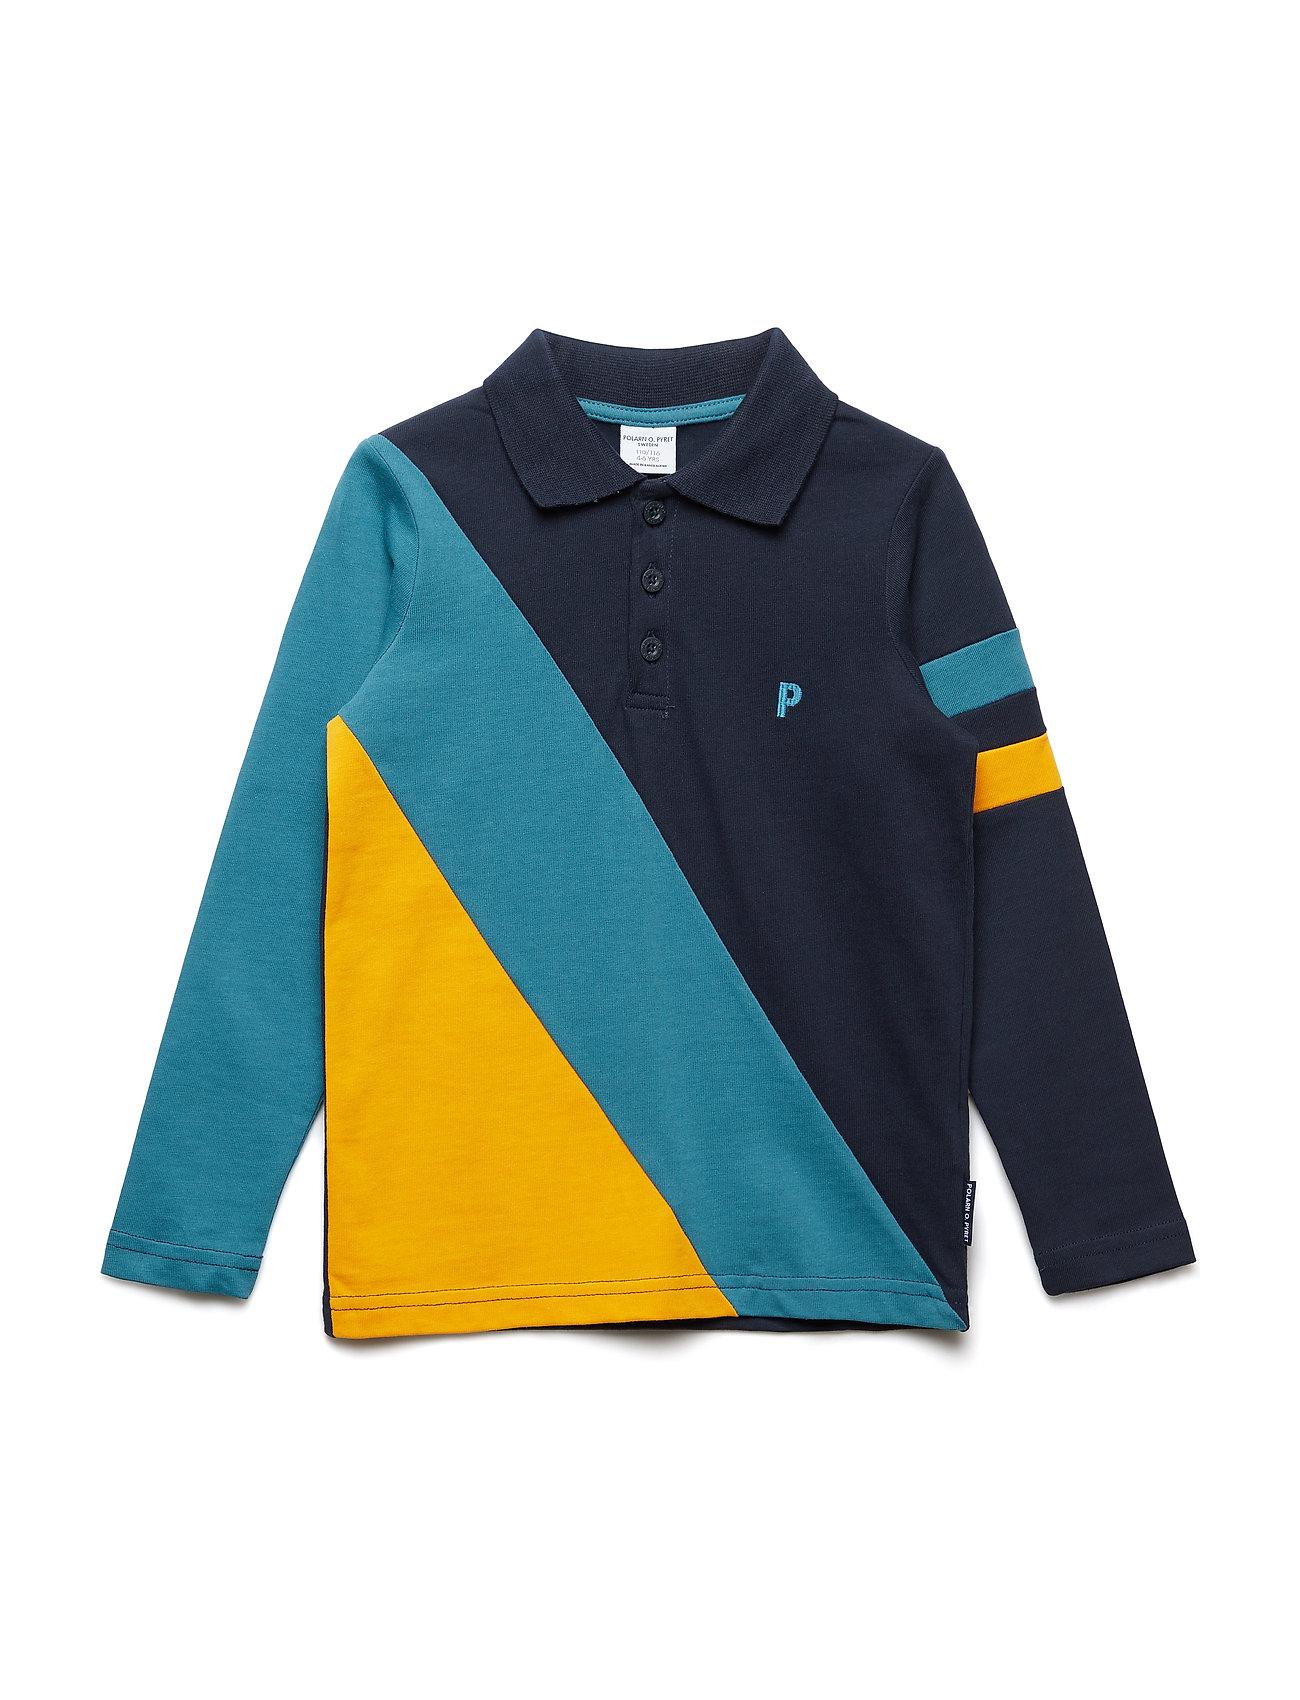 Polarn O. Pyret Top Long Sleeve with collar Pre-School